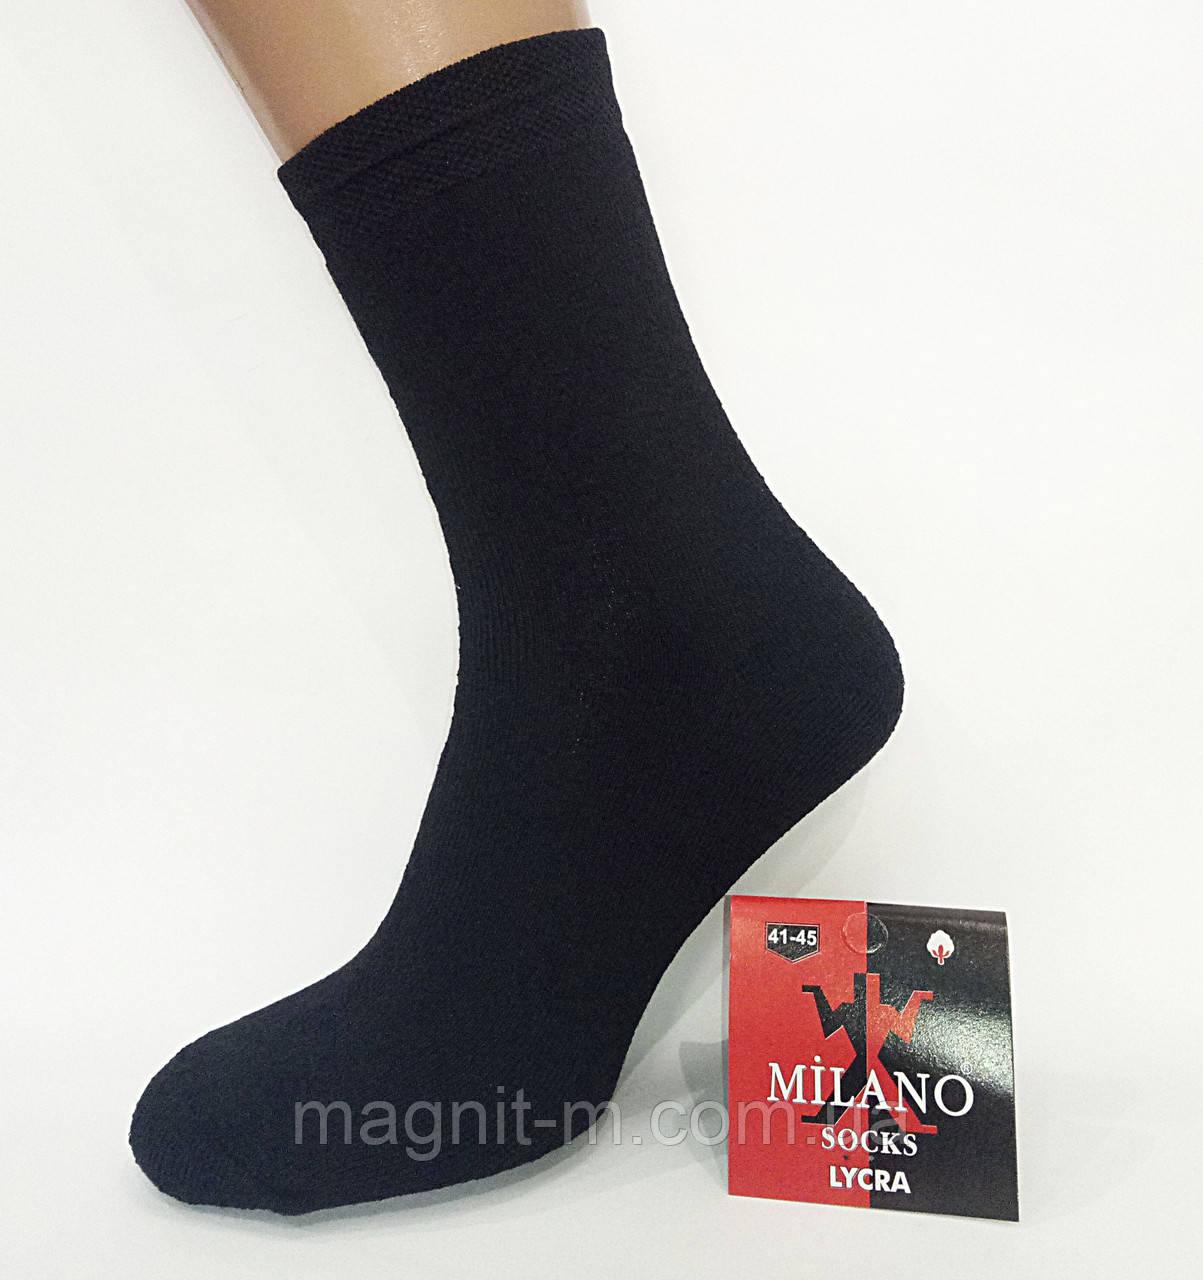 Носки мужские махровые MILANO socks. Черные. 001М.